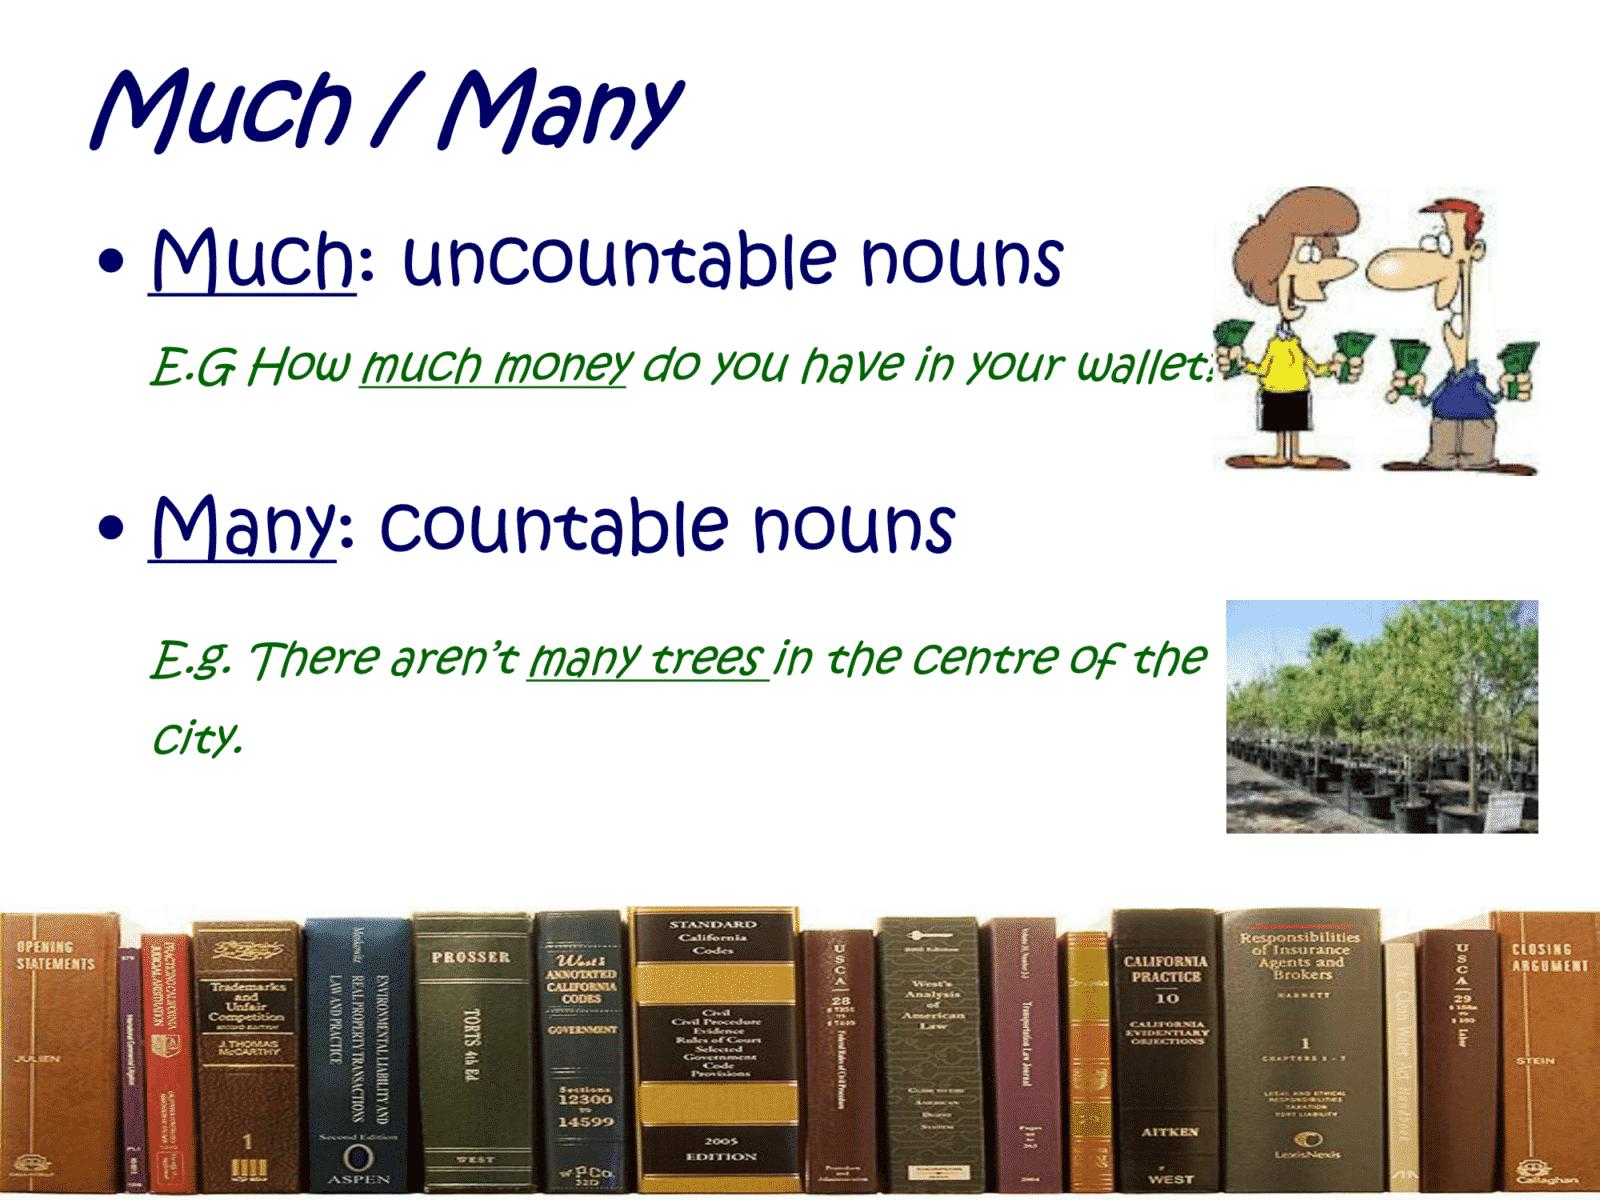 much/ many